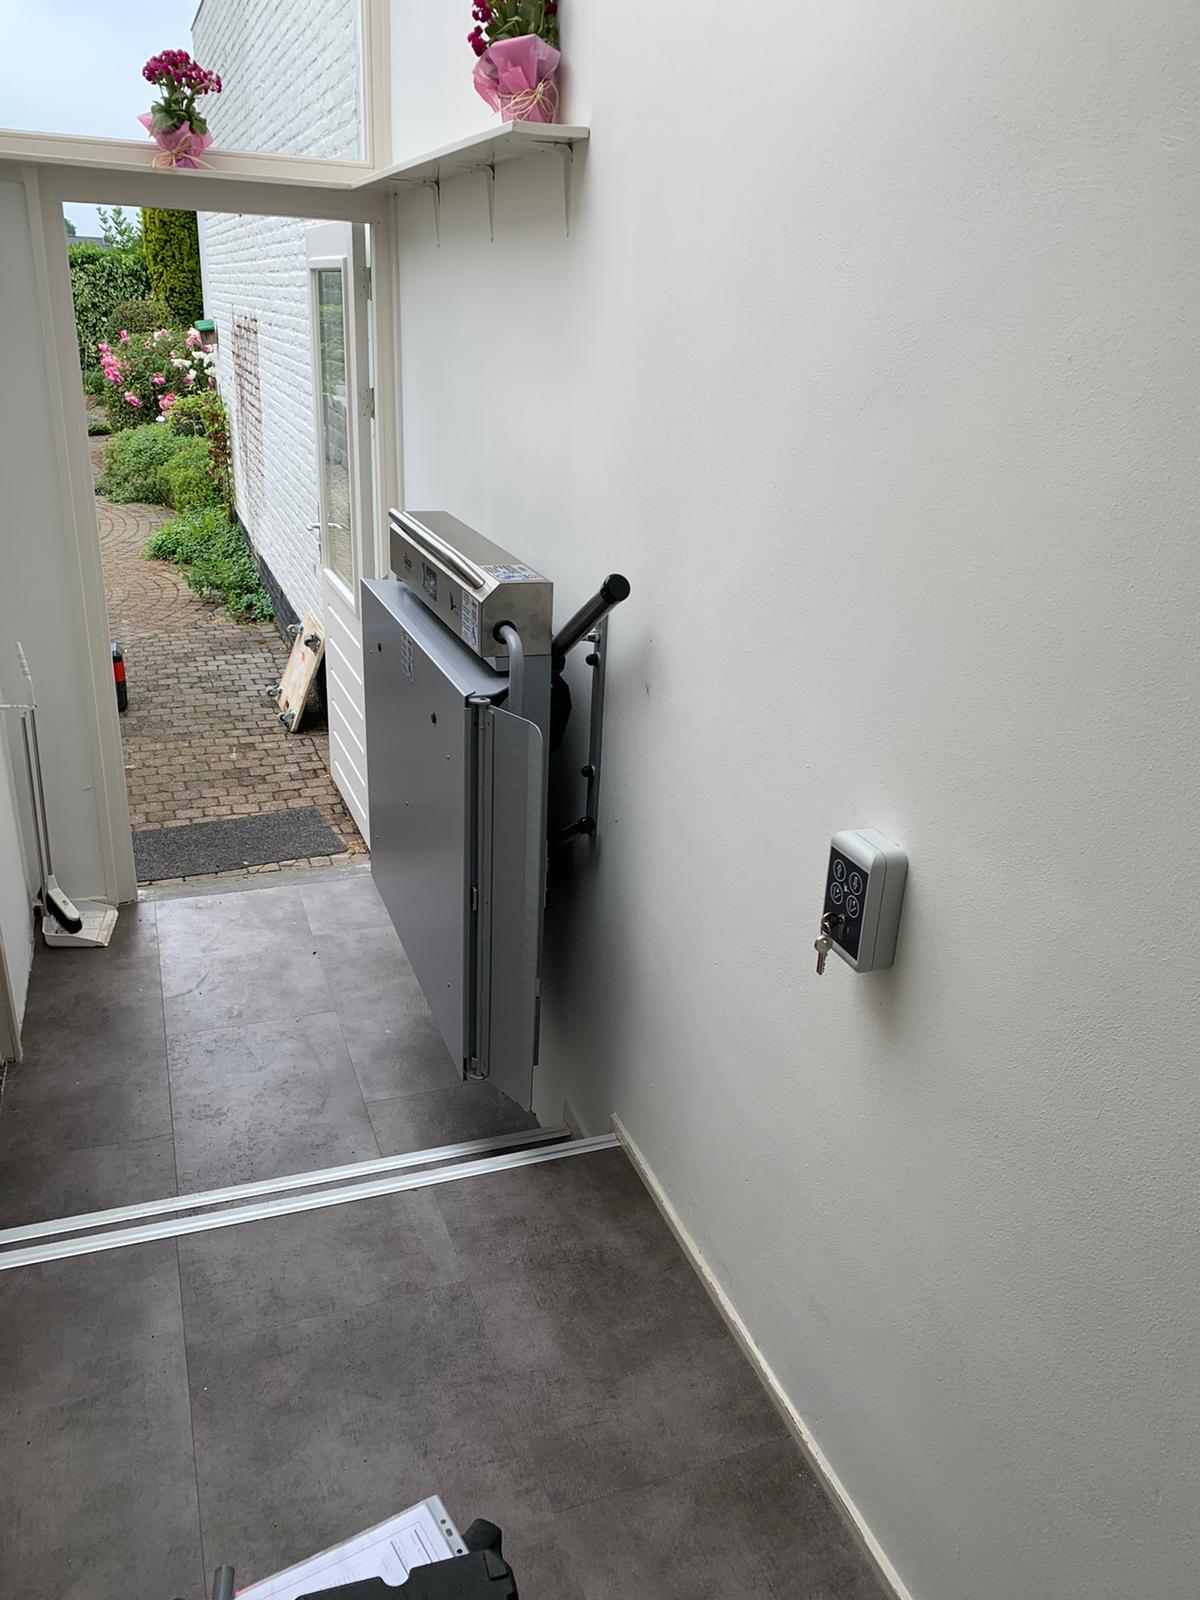 Plateautraplift met sleutelschakelaar